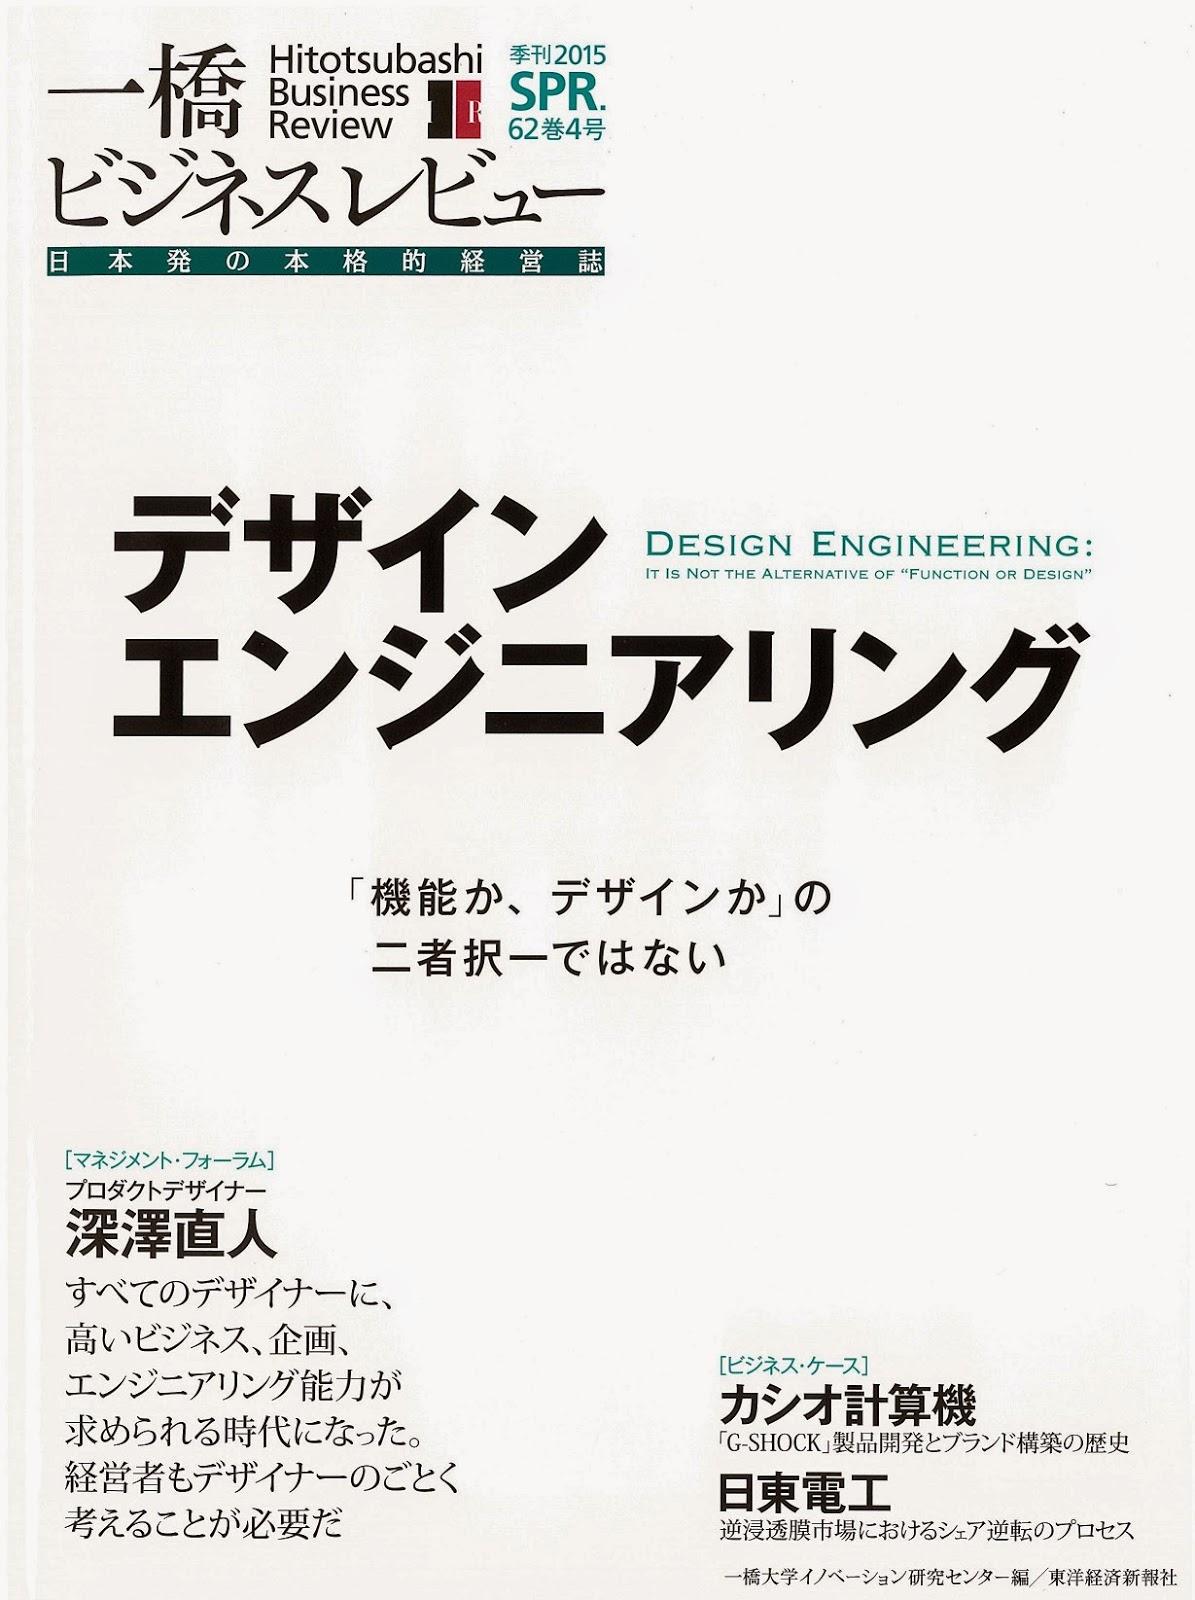 【一橋ビジネスレビュー】 2014年度 Vol.62-No.4